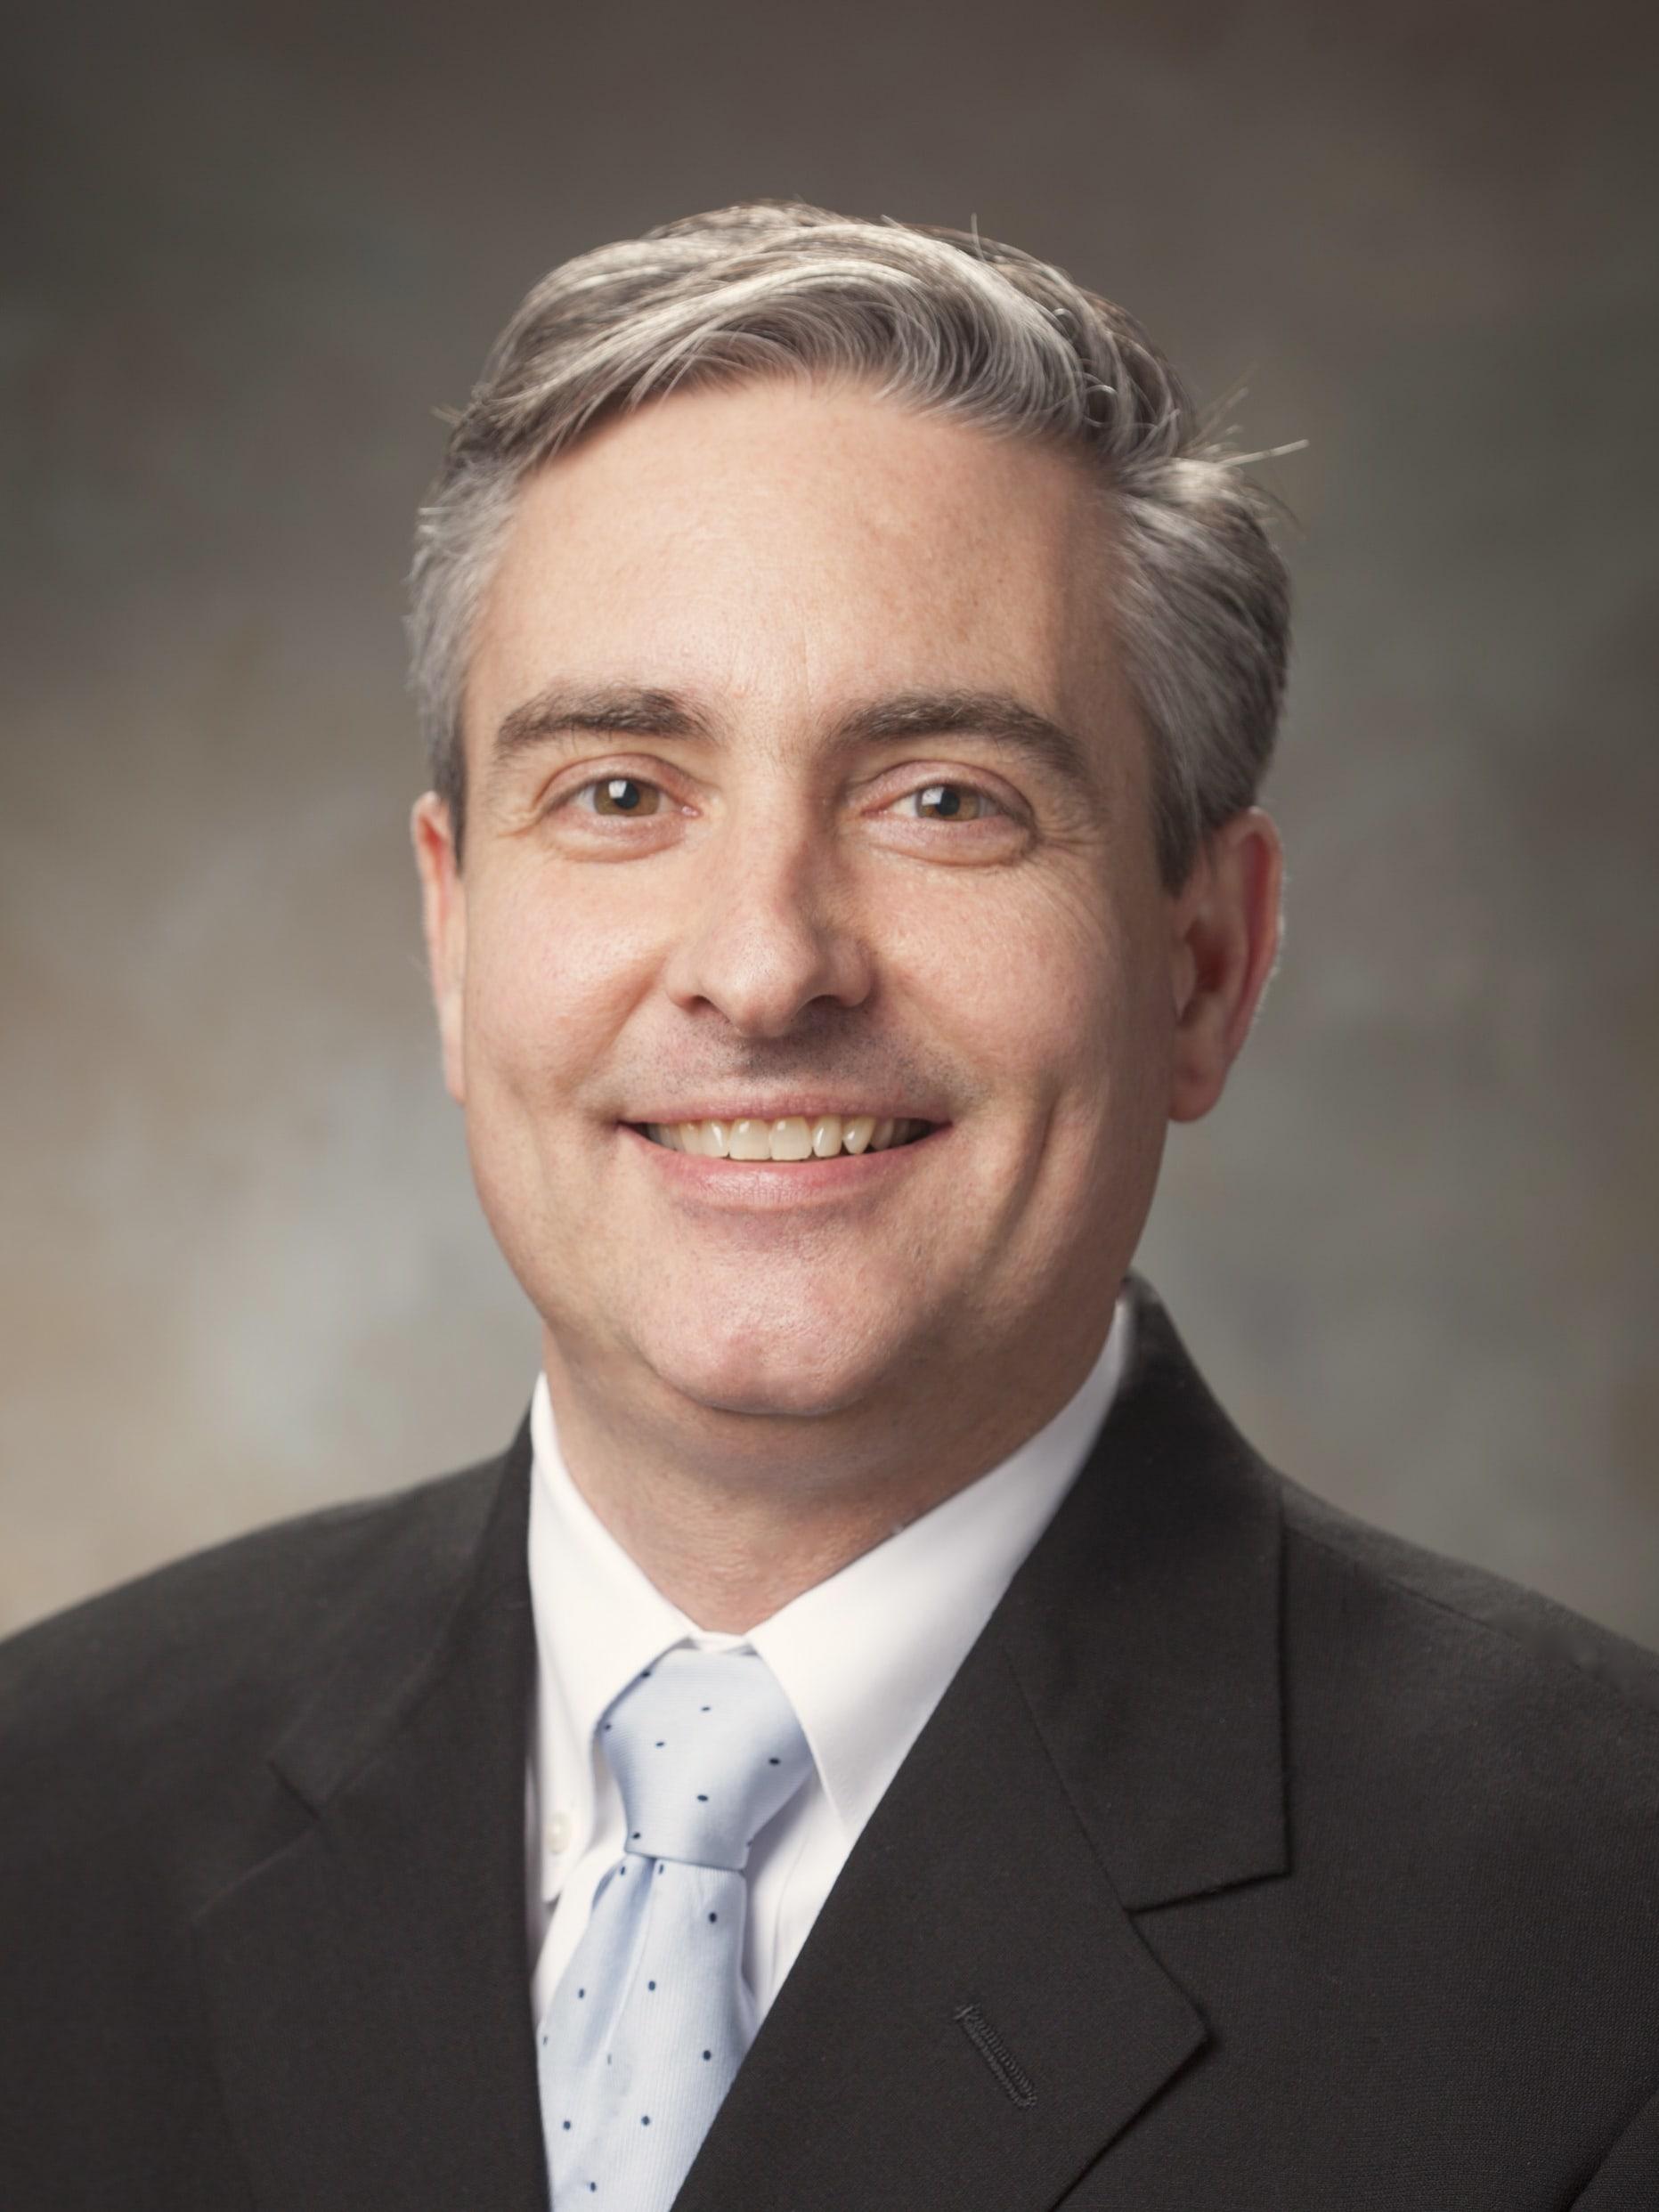 Michael Medvecky